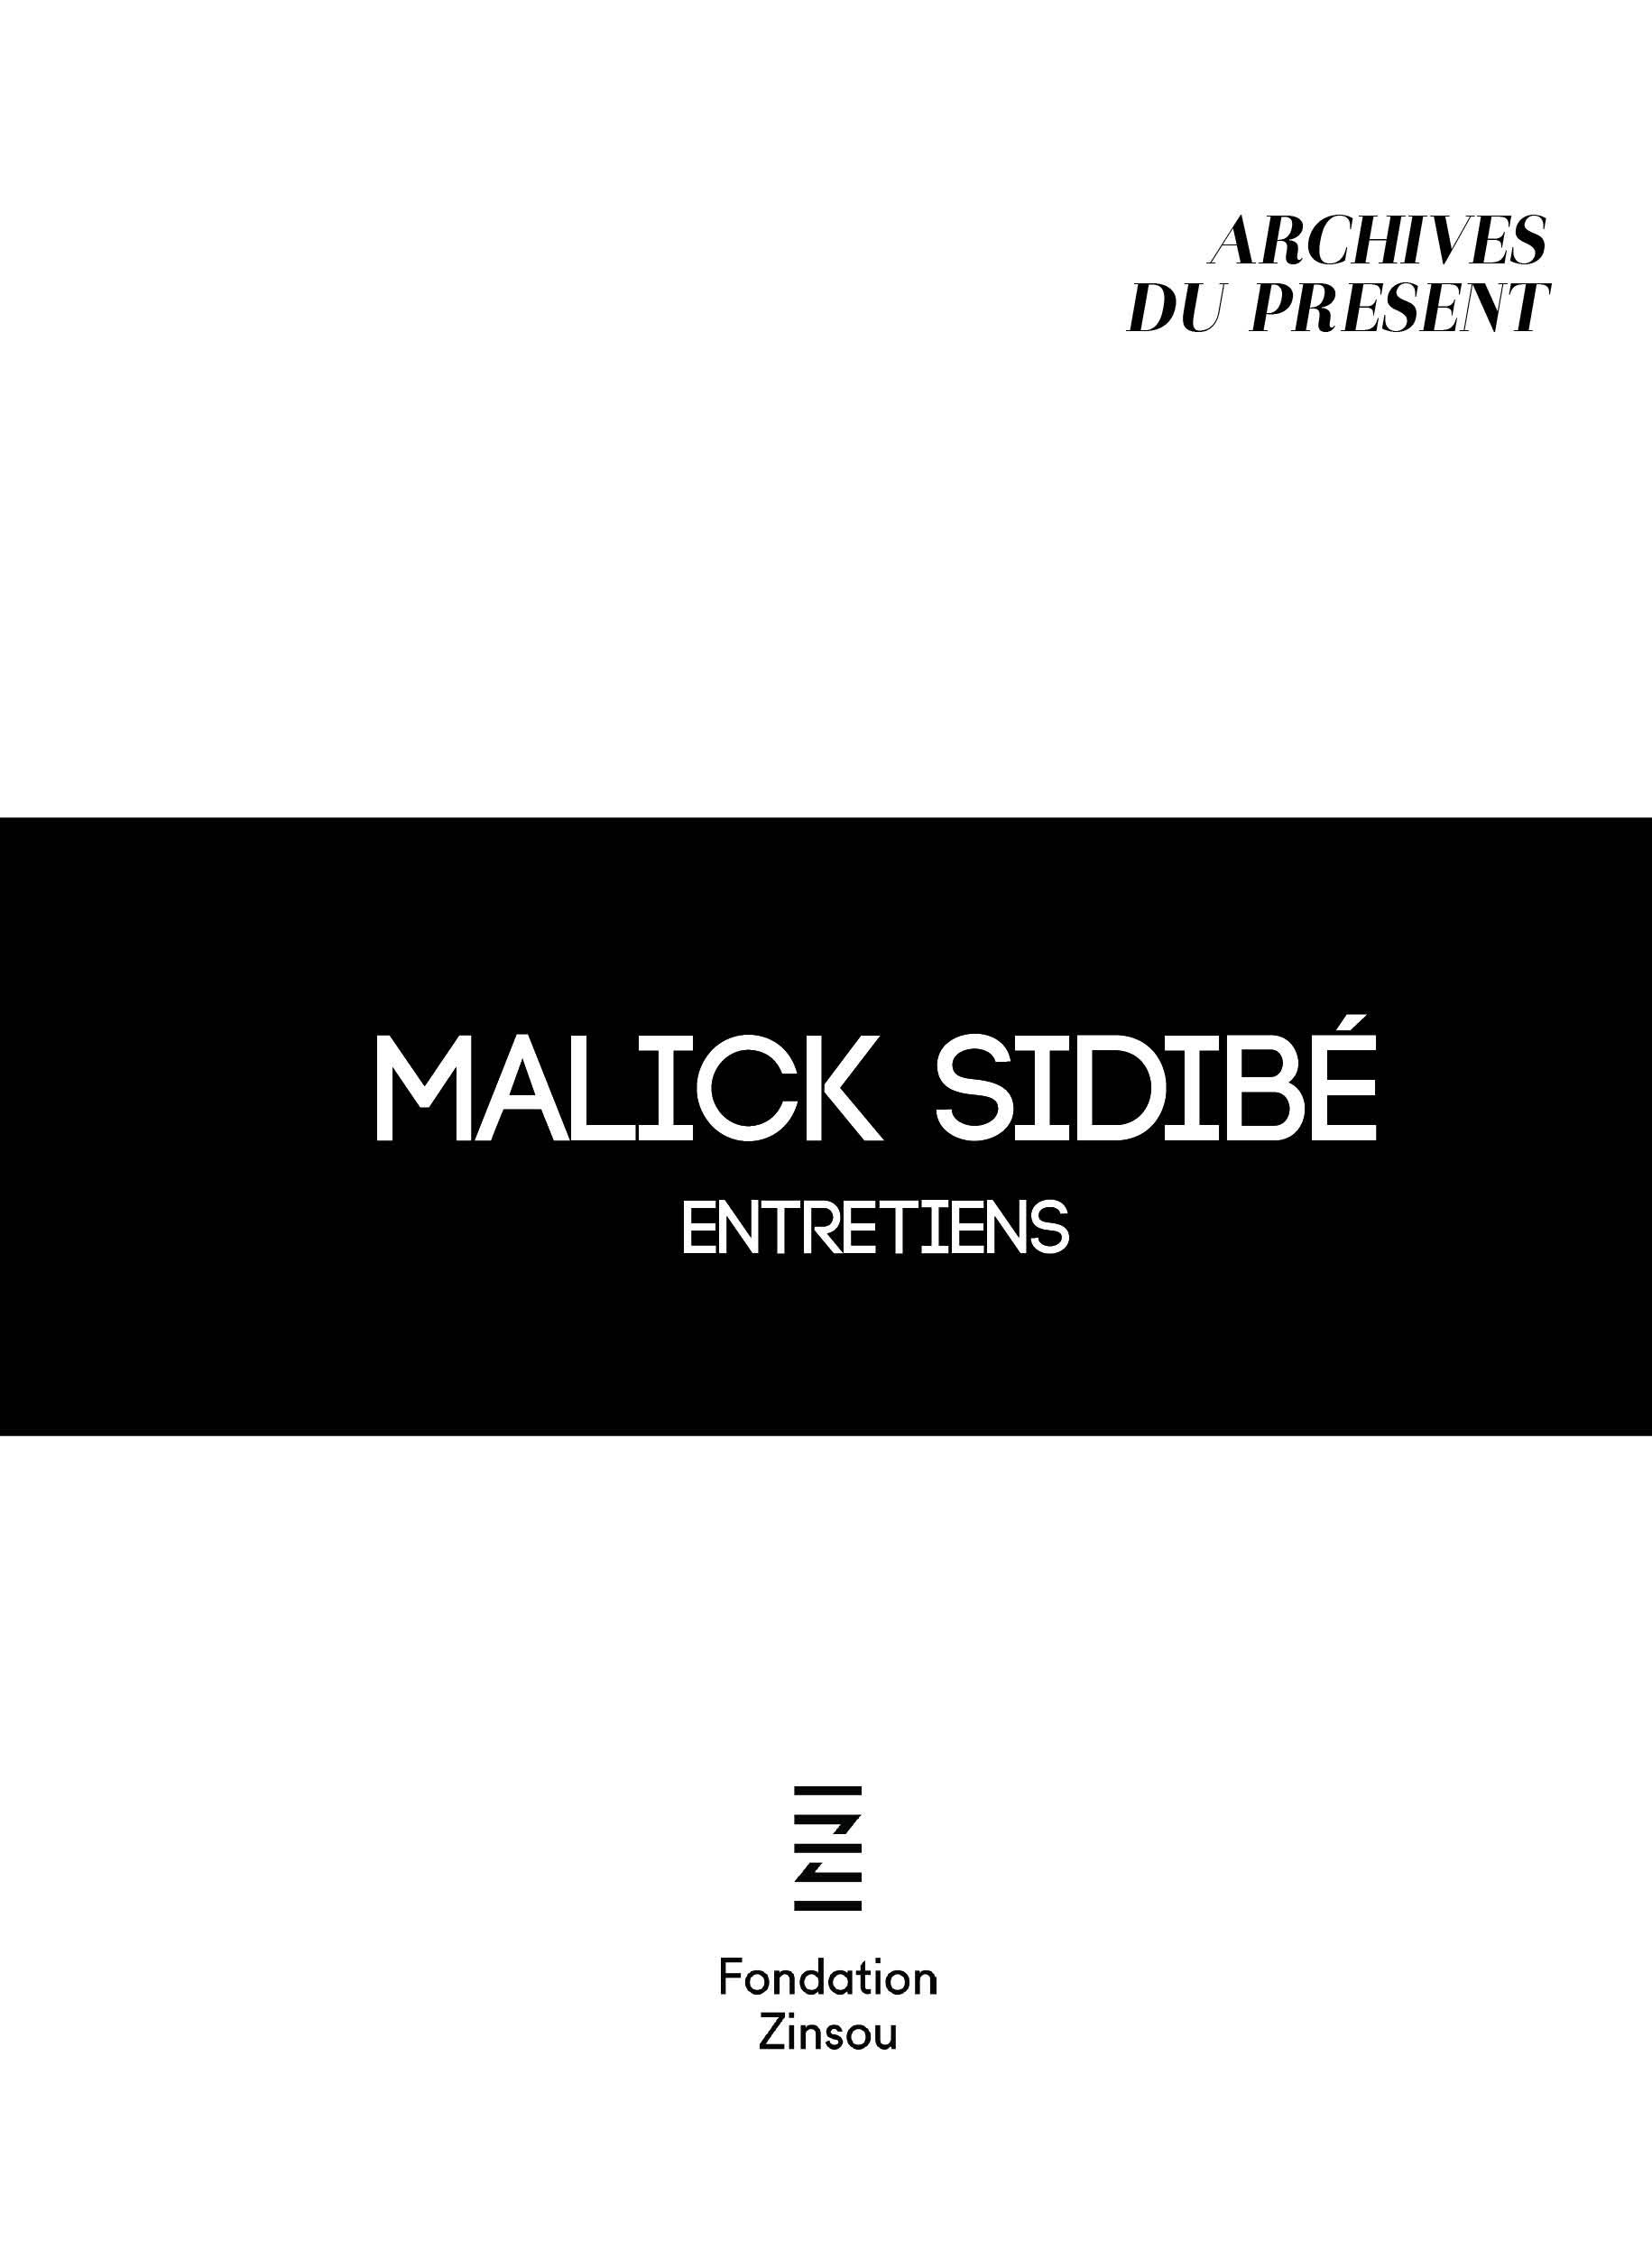 Archives du Présent-Malick Sidibé corrigé sans_FR_155x212